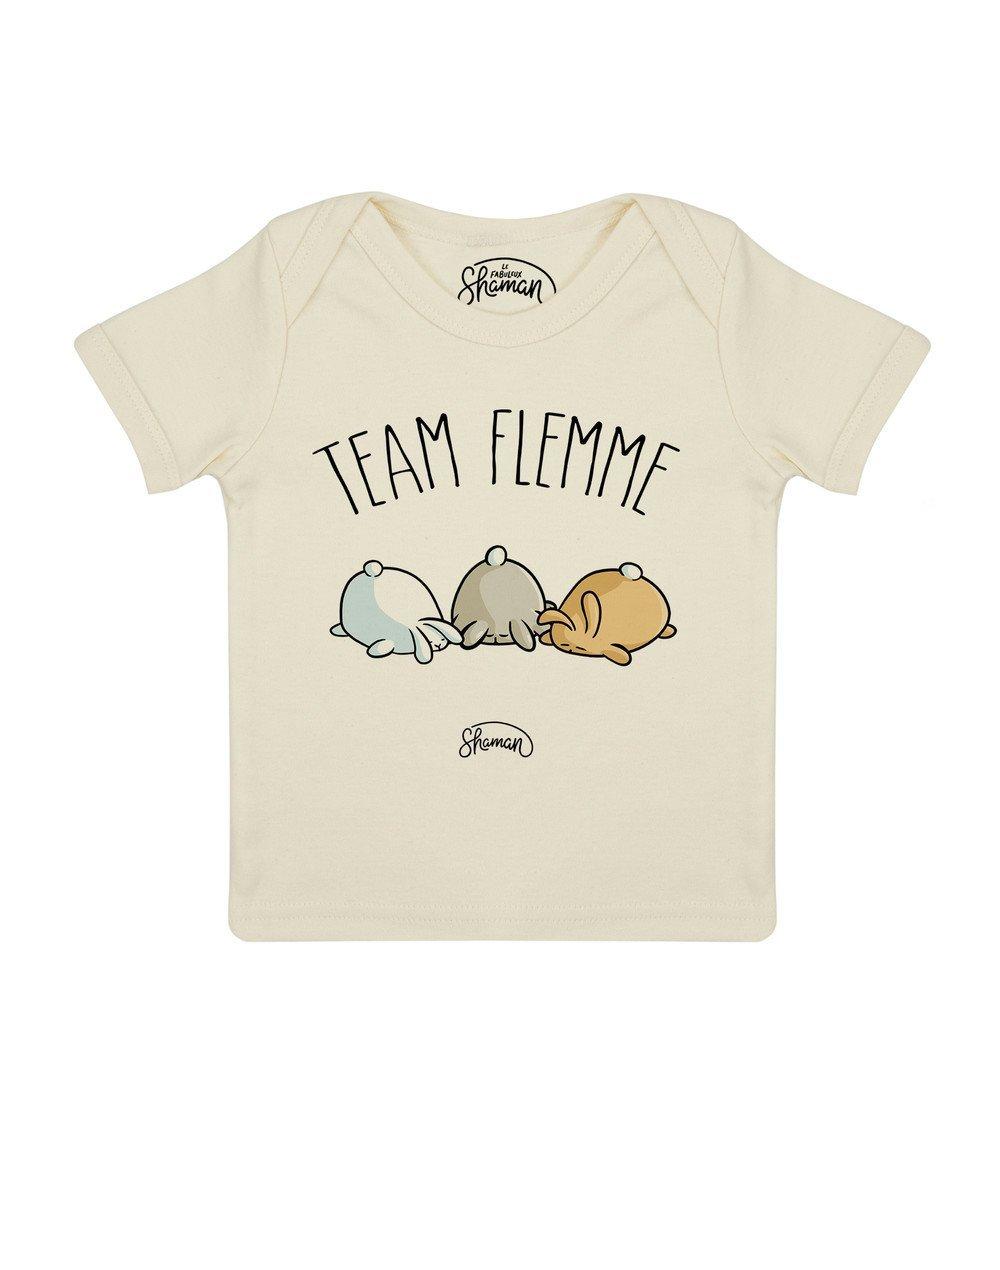 Tee shirt Wesh Team flemme